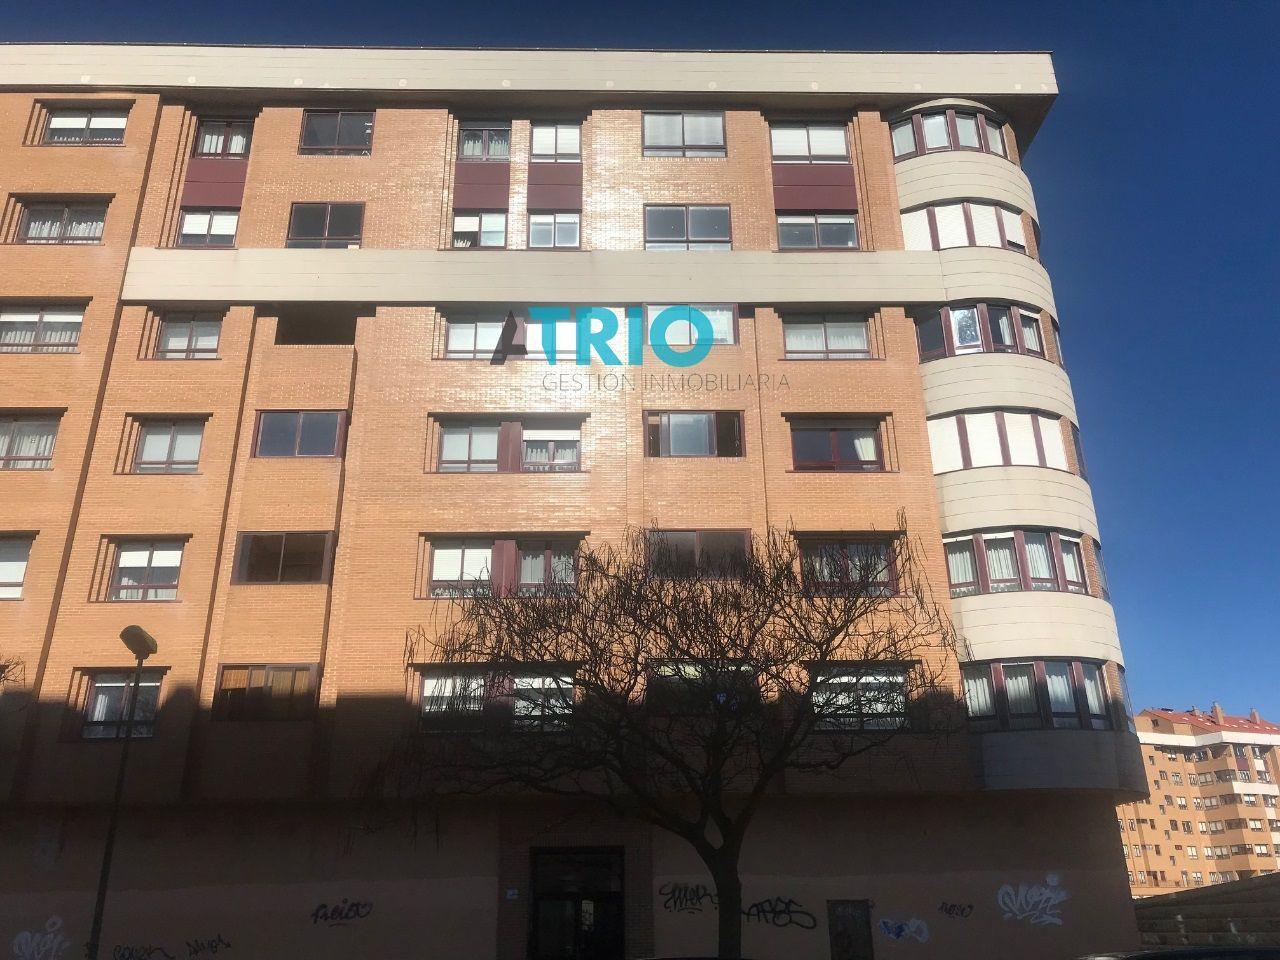 dia.mobiliagestion.es/Portals/inmoatrio/Images/3814/2405844